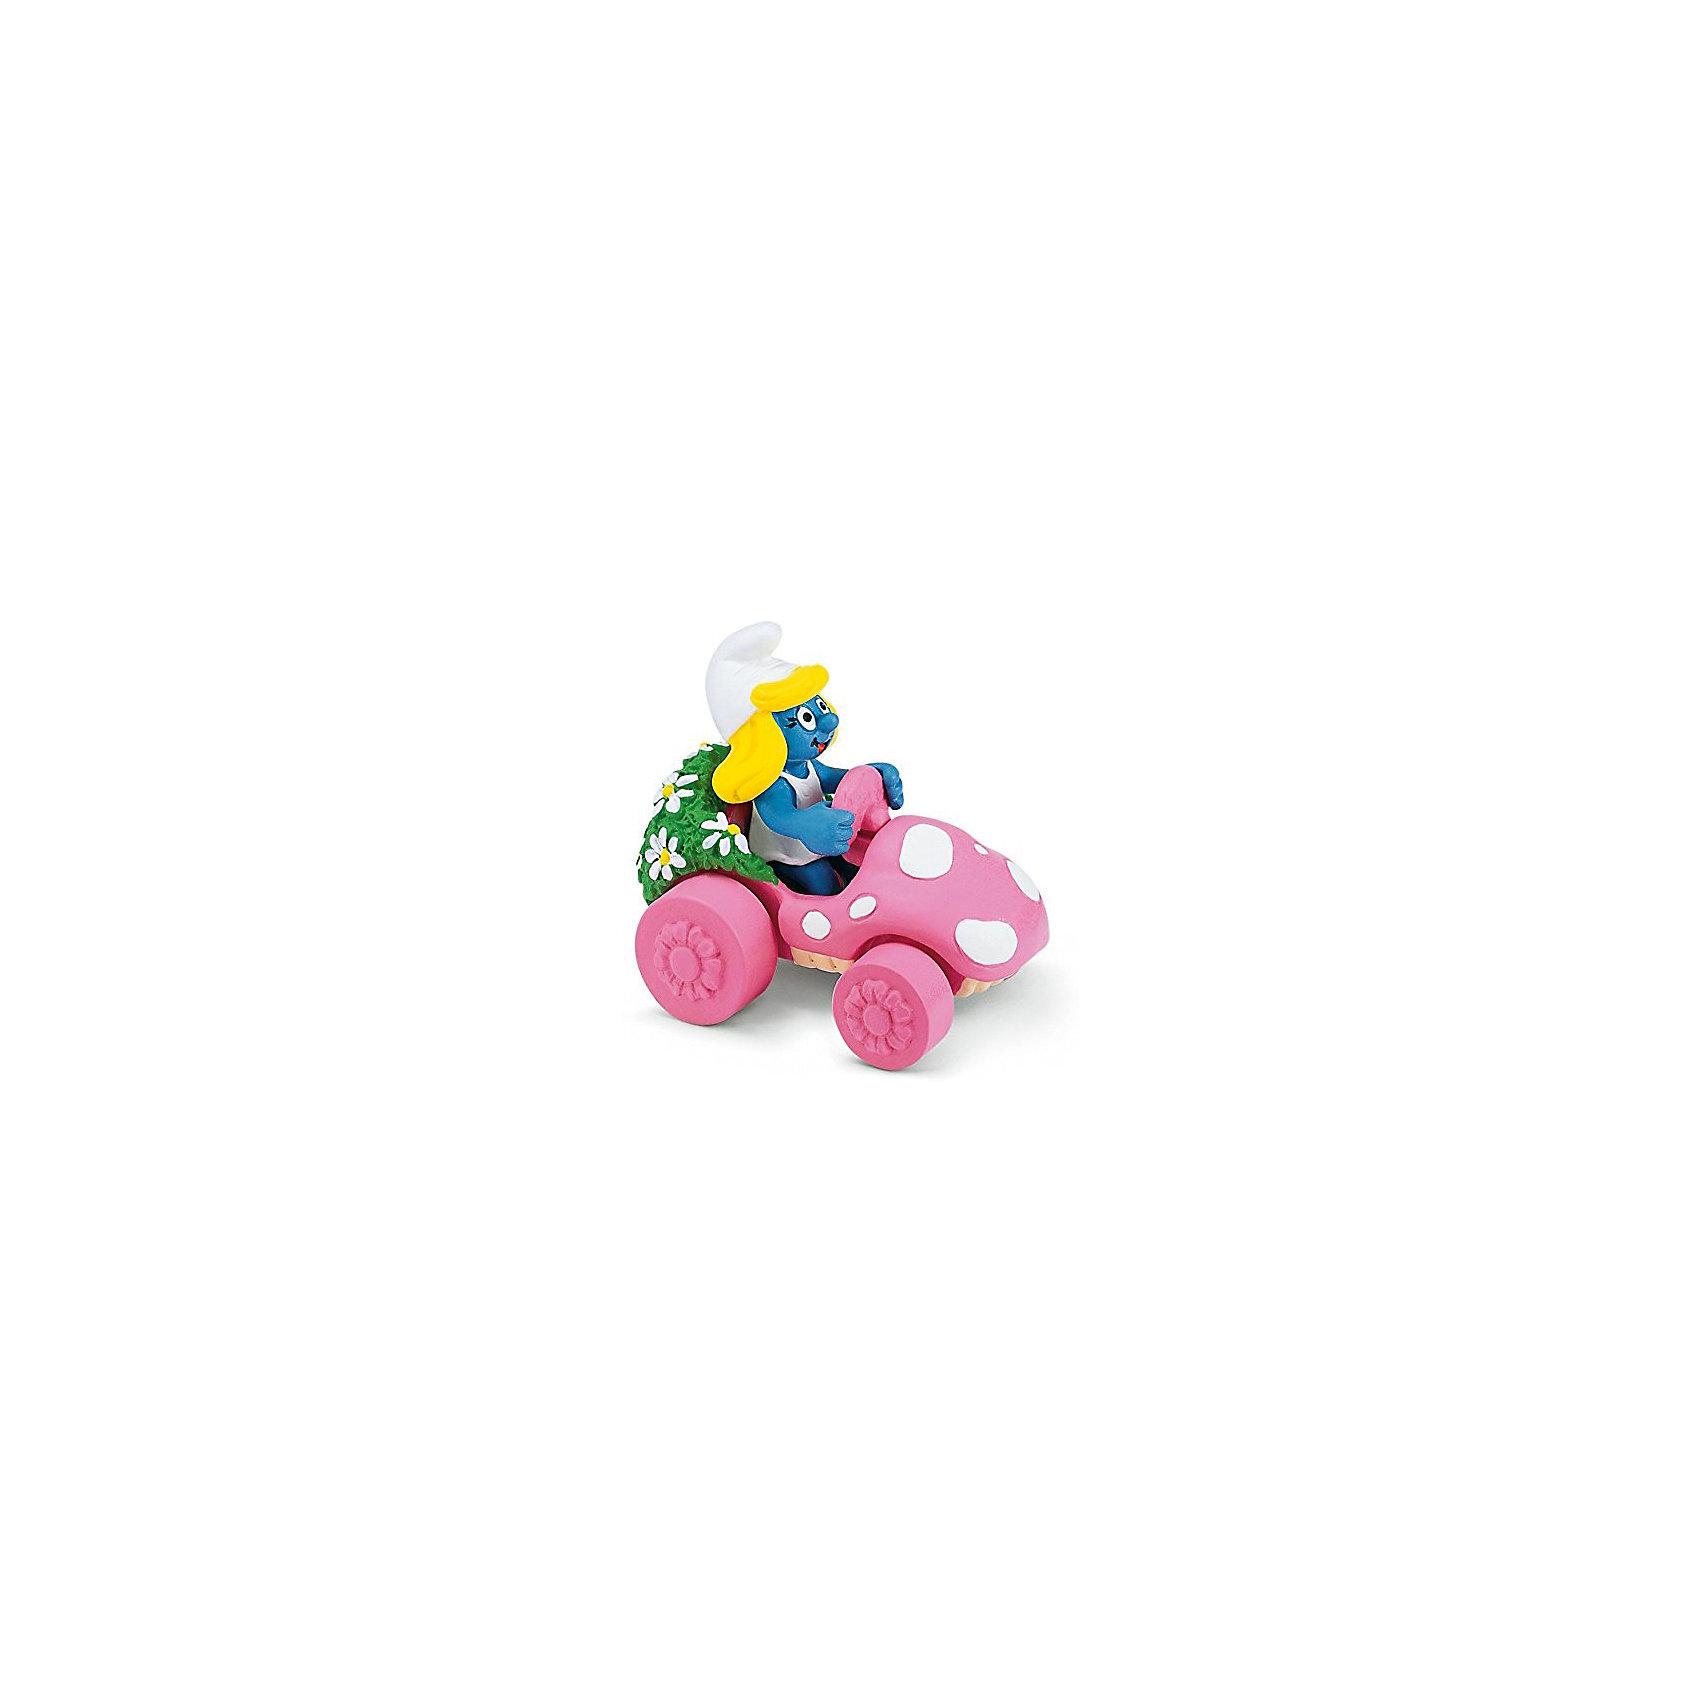 Игровой набор Гномик в розовой машинке - Смурфетта, SchleichСмурфики Игровые наборы и игрушки<br>Характеристики:<br><br>• возраст: от 3-х лет;<br>• материал: пластик каучуковый;<br>• тематика: «Смурфики»;<br>• высота фигурки: 7 см;<br>• вес: 29 г;<br>• размеры: 4х3х7 см;<br>• особенности ухода: влажная чистка.<br><br>Гномик в розовой машинке, Schleich, Schleich – эта фигурка смурфа, выполненная по мотивам популярного мультфильма «Смурфы в 3D». <br><br>Игрушка выполнена в миниатюрном размере. Полностью соответствует облику экранного прототипа: у Смурфетты короткое белое платье и белый колпачок, сидит она в ярко розовом дизайнерском автомобиле.<br><br>Фигурки от Шляйх выполнены из экологически безопасного каучукового пластика, который устойчив к появлению царапин и сколов. Гномик раскрашен вручную, что обеспечивает высокую детализацию даже самых мелких деталей и элементов.<br><br>Гномика в розовой машинке, Schleich, Schleich можно купить в нашем интернет-магазине.<br><br>Ширина мм: 80<br>Глубина мм: 68<br>Высота мм: 43<br>Вес г: 69<br>Возраст от месяцев: 36<br>Возраст до месяцев: 2147483647<br>Пол: Унисекс<br>Возраст: Детский<br>SKU: 1599993